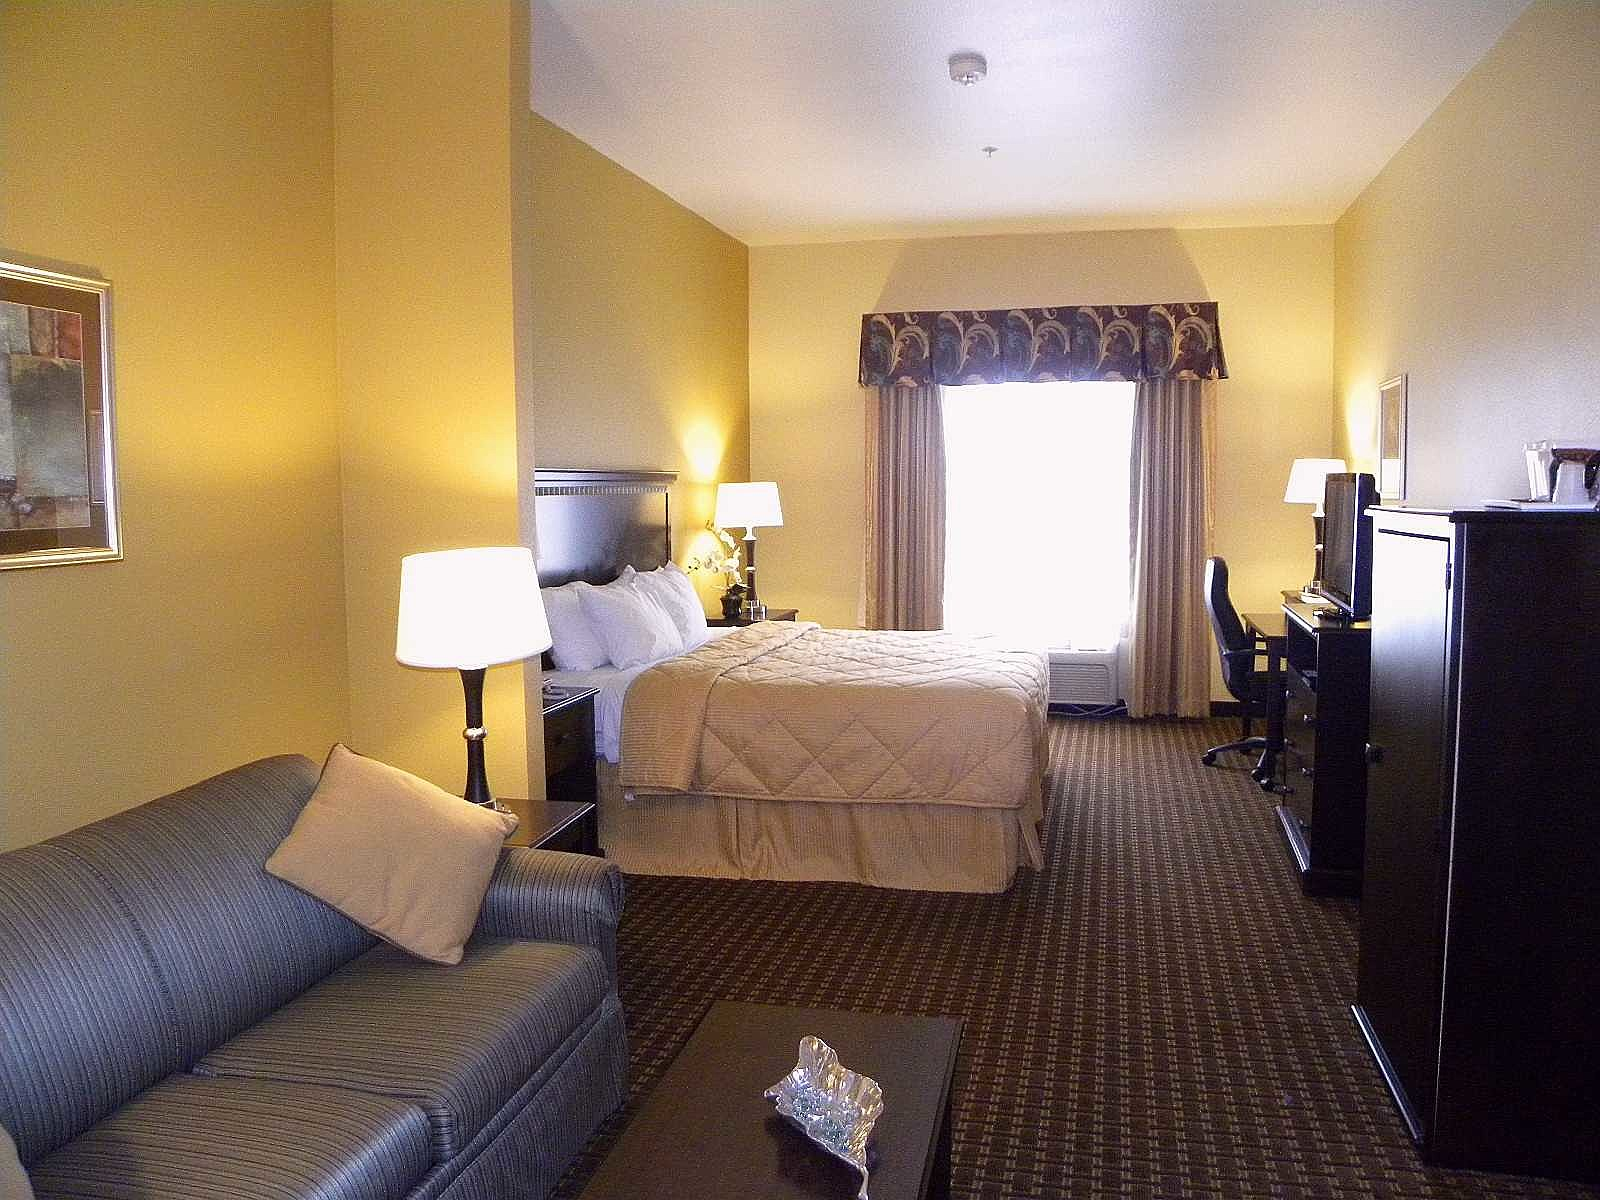 Best Hotels in Abilene – Rudy's Top 5